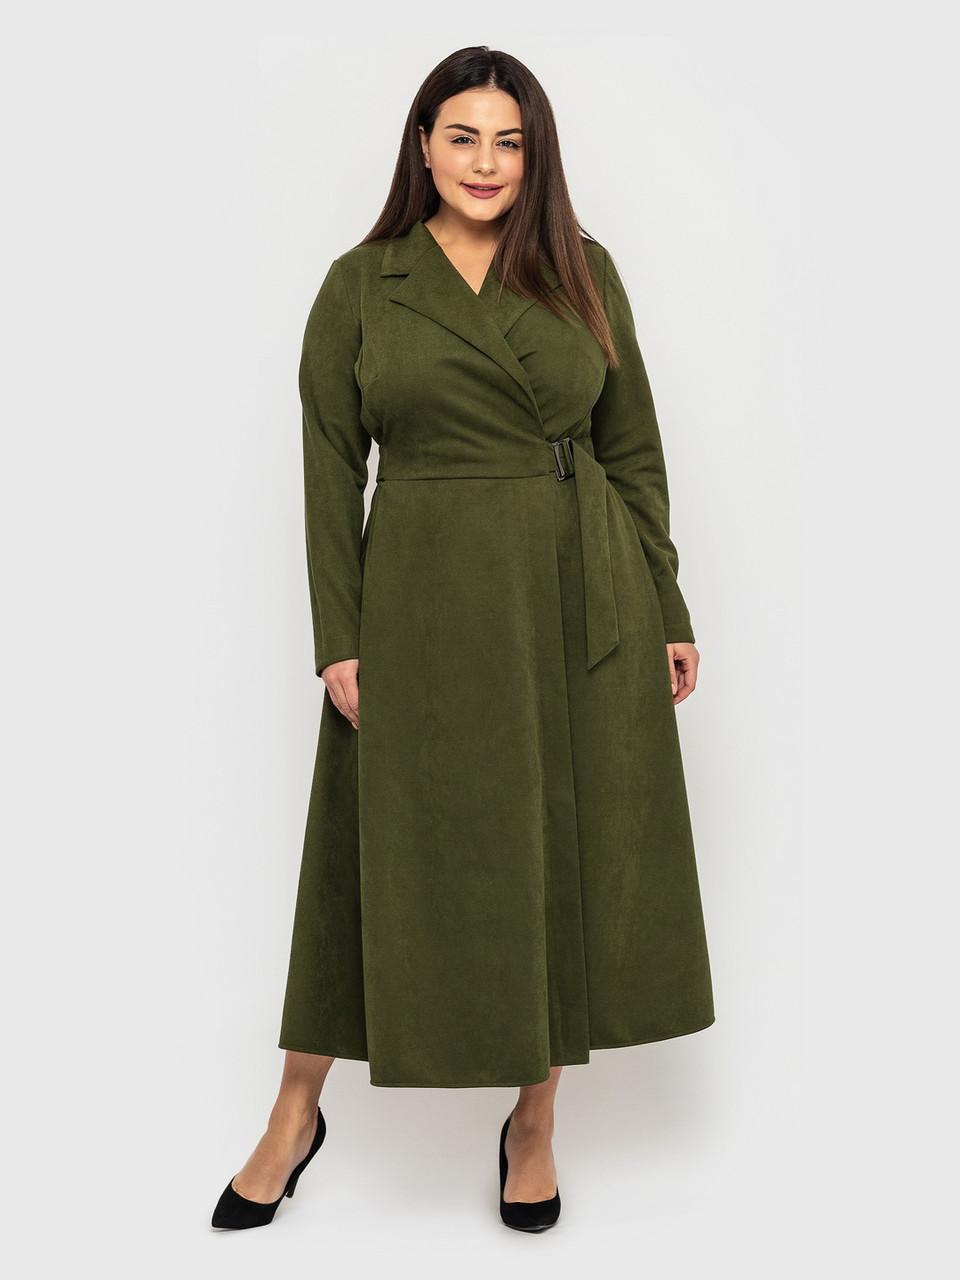 Тепле замшеве сукню на запах великого розміру